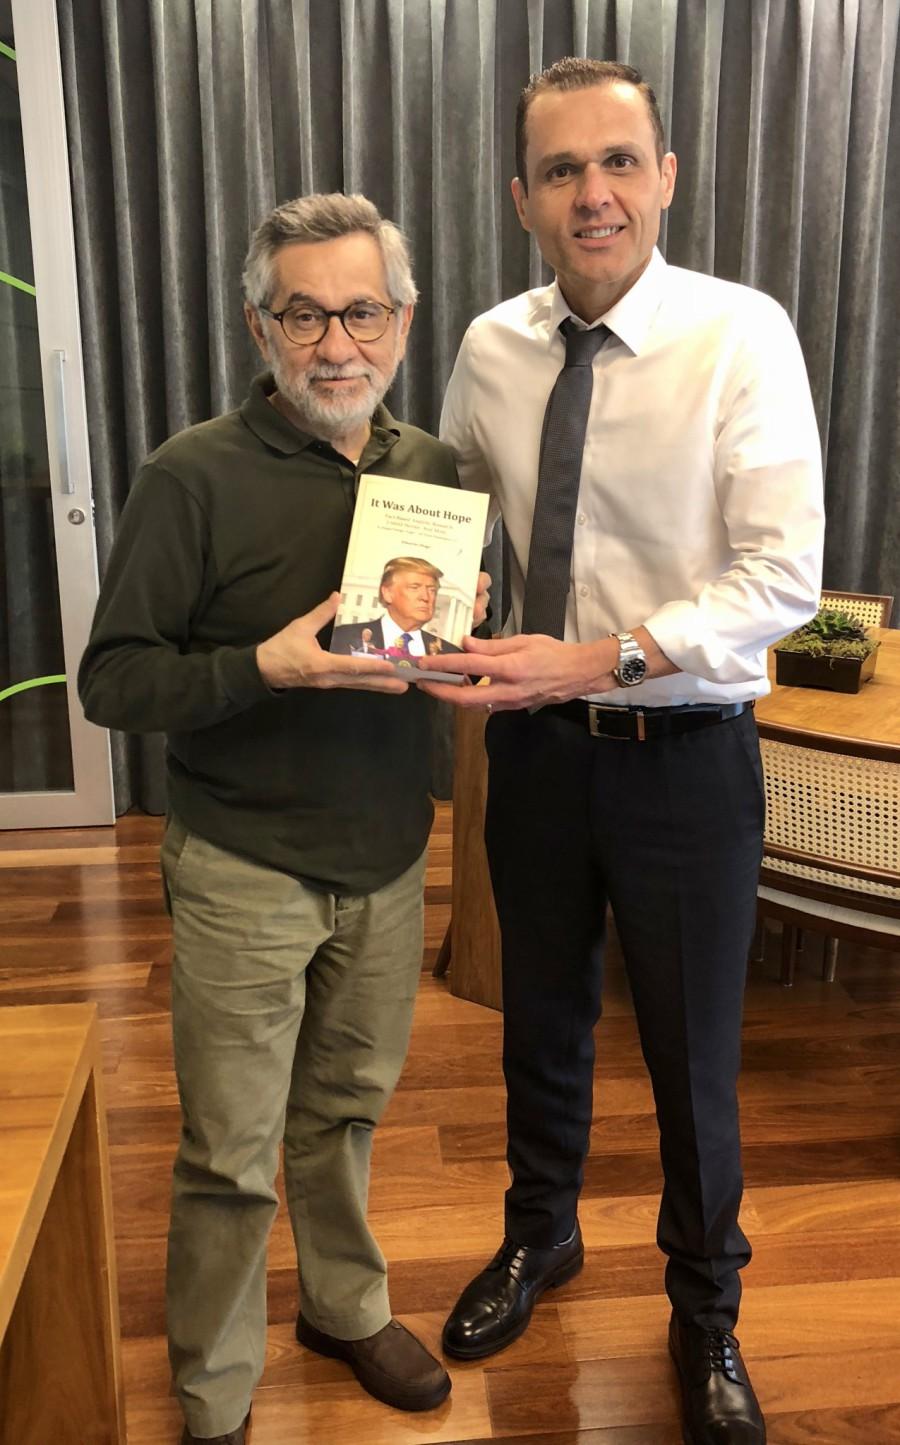 Com o ex-Ministro do Planejamento, Orçamento e Gestão, Martus Tavares *** With the former Minister of Planning, Budget and Management of Brazil, Martus Tavares